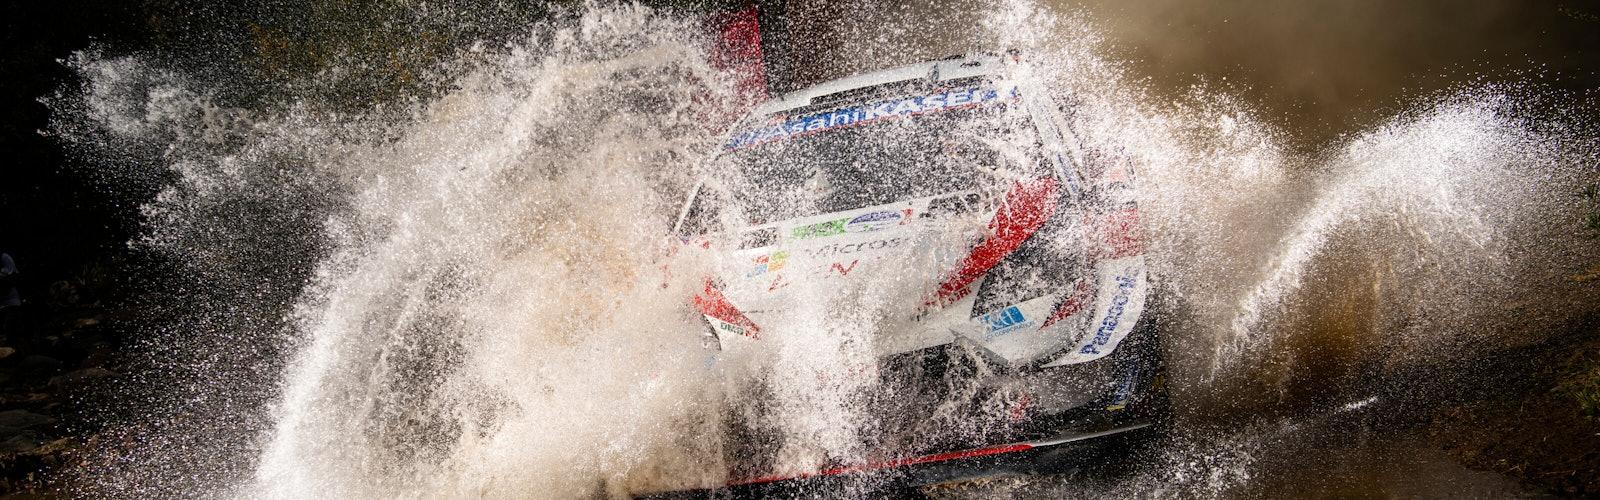 Evans Toyota Mexico WRC